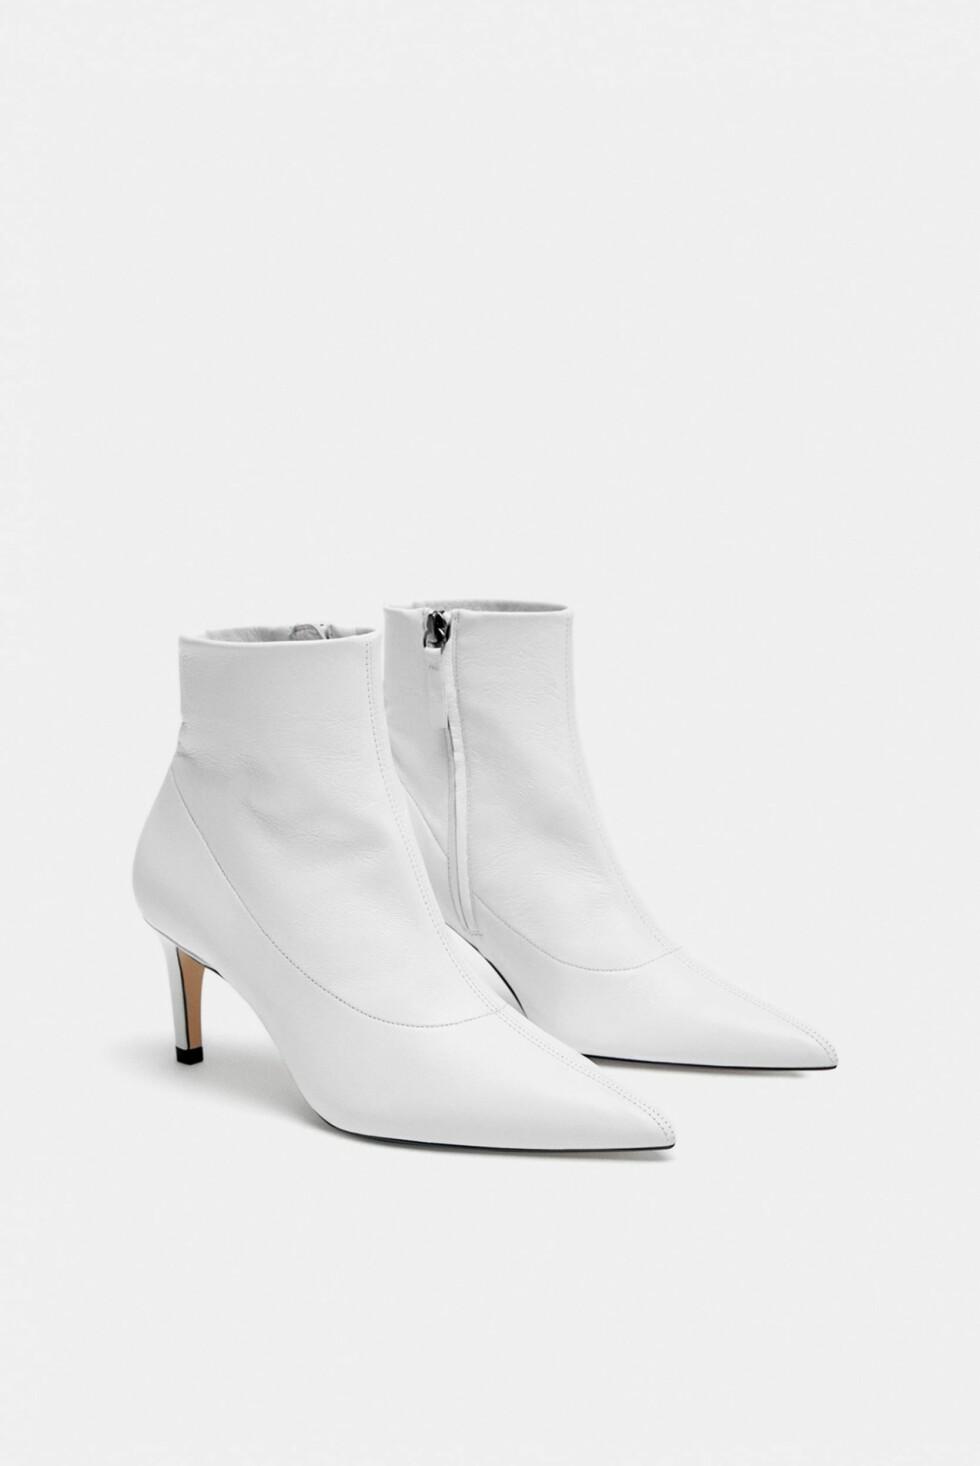 Sko fra Zara |900,-| https://www.zara.com/no/no/h%C3%B8yh%C3%A6lt-skinnskolett-p15122301.html?v1=6575302&v2=1074625